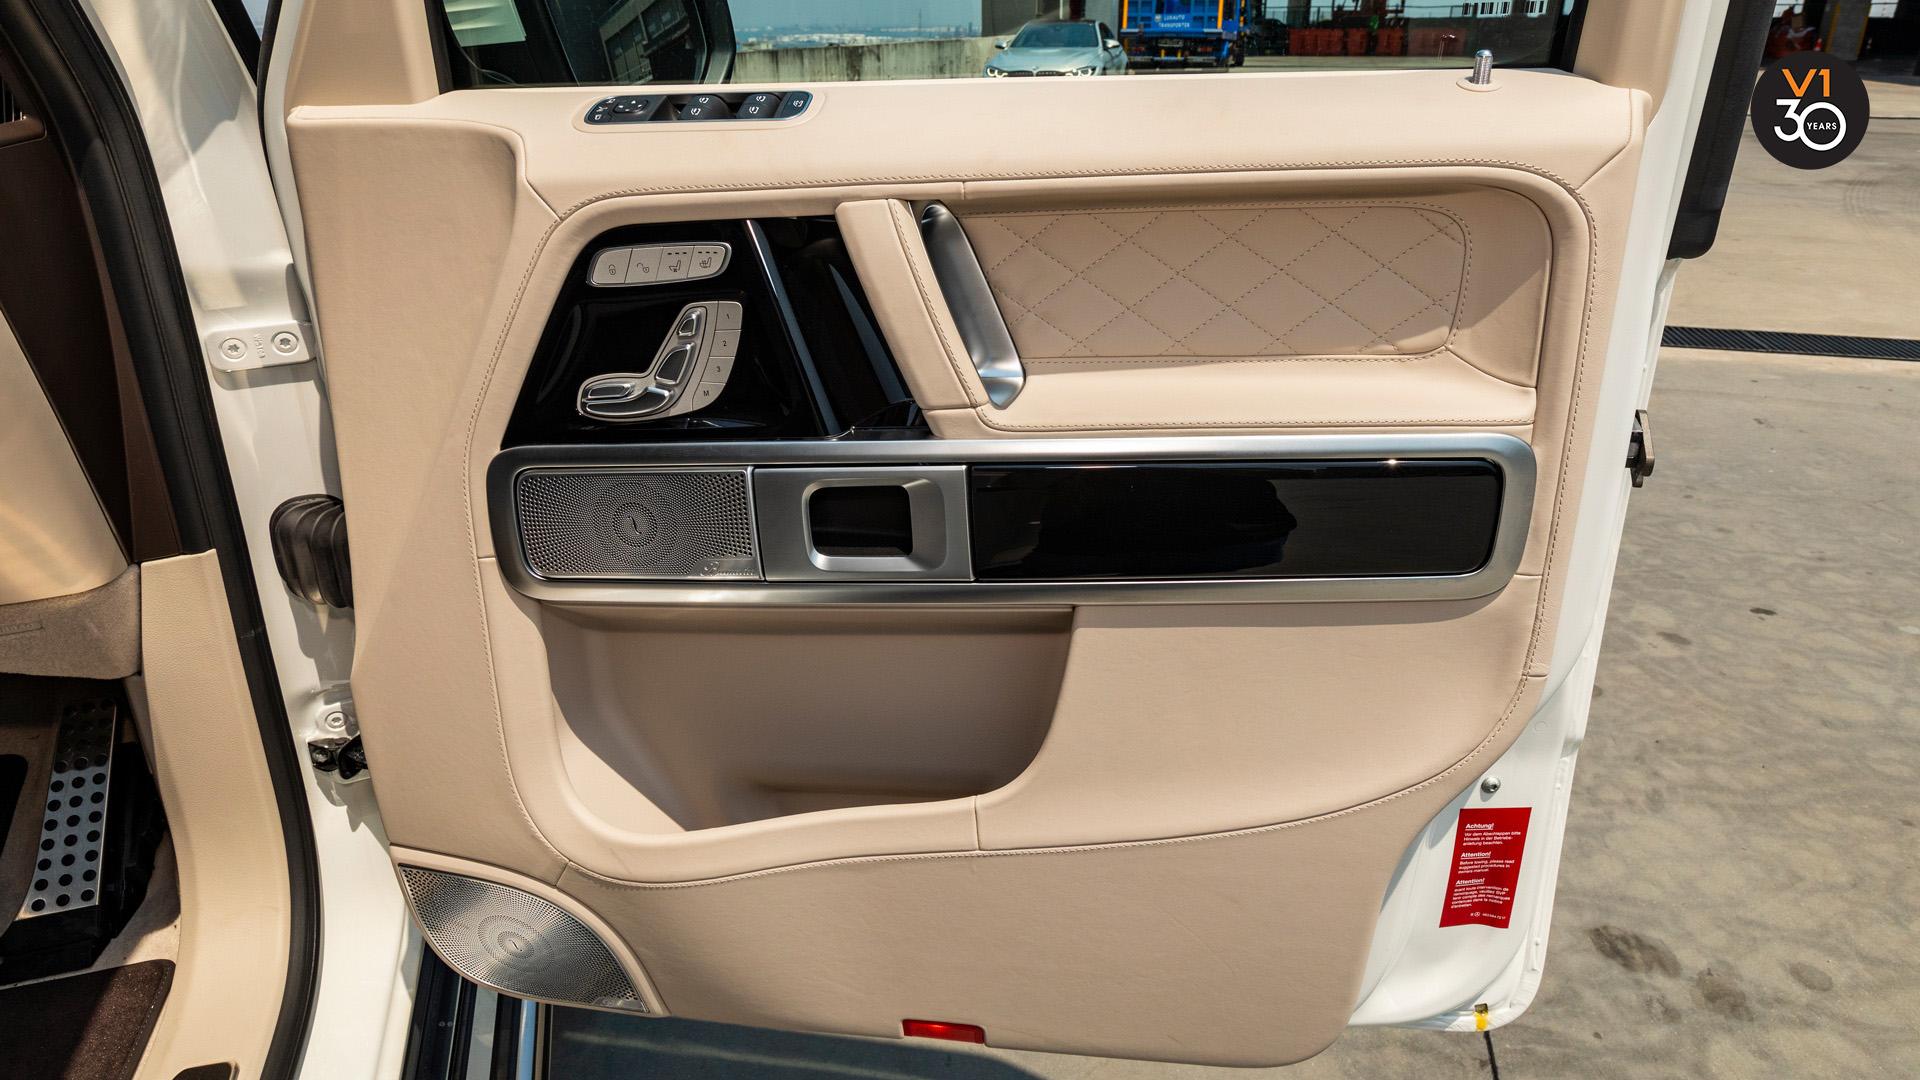 Mercedes G63 AMG - Front Door Interior